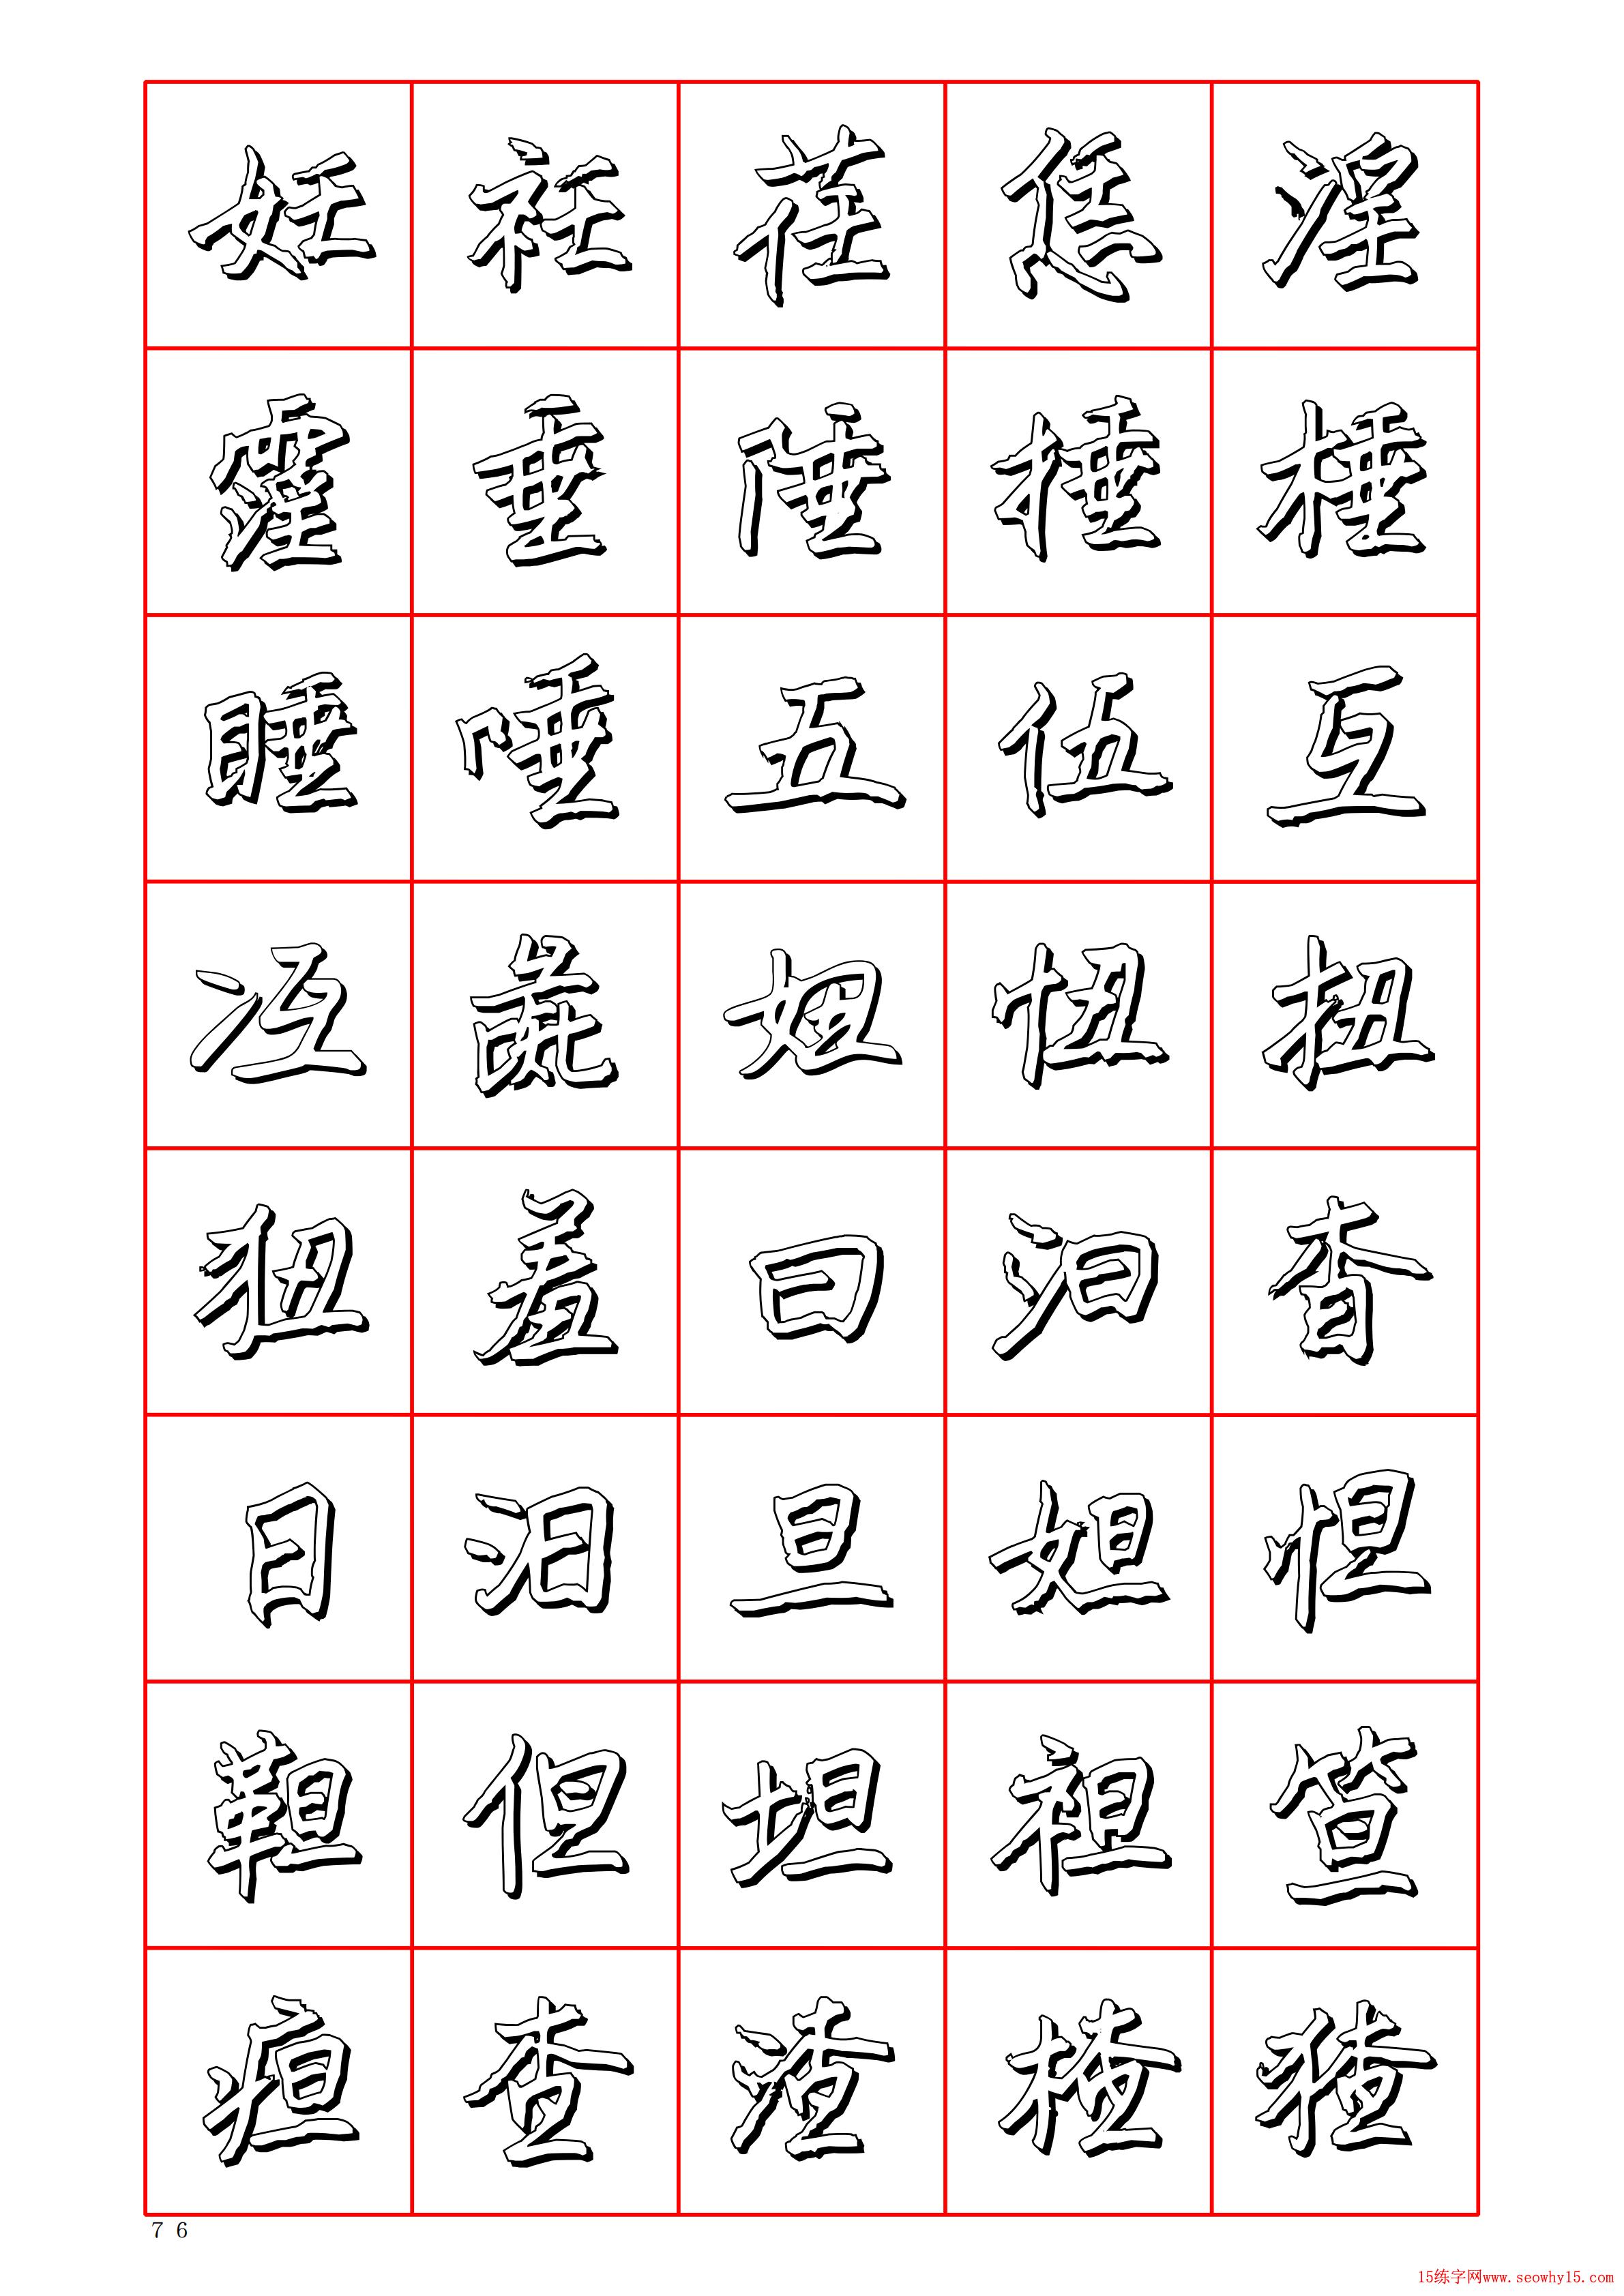 硬笔楷书七千字(6)-清晰大字【 15练字网 】 精心整理